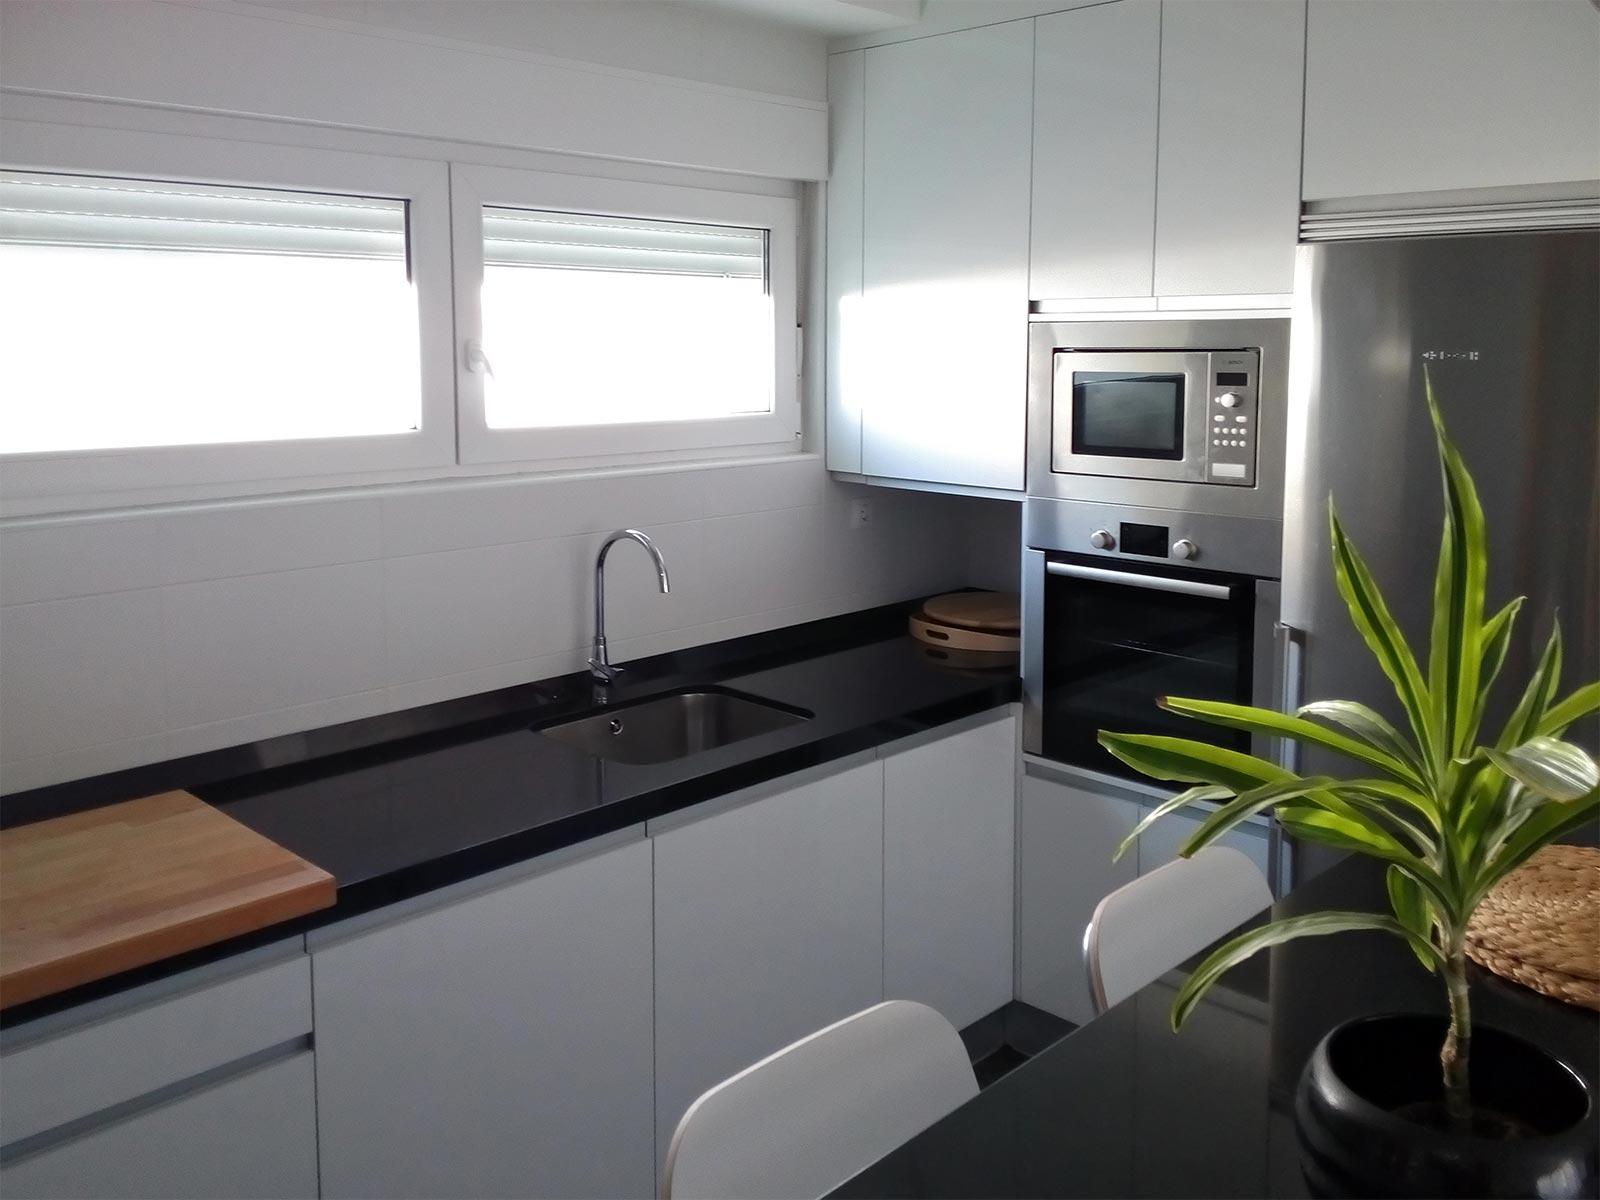 Cocina moderna blanco brillo – carpintería josé quintana torrelavega